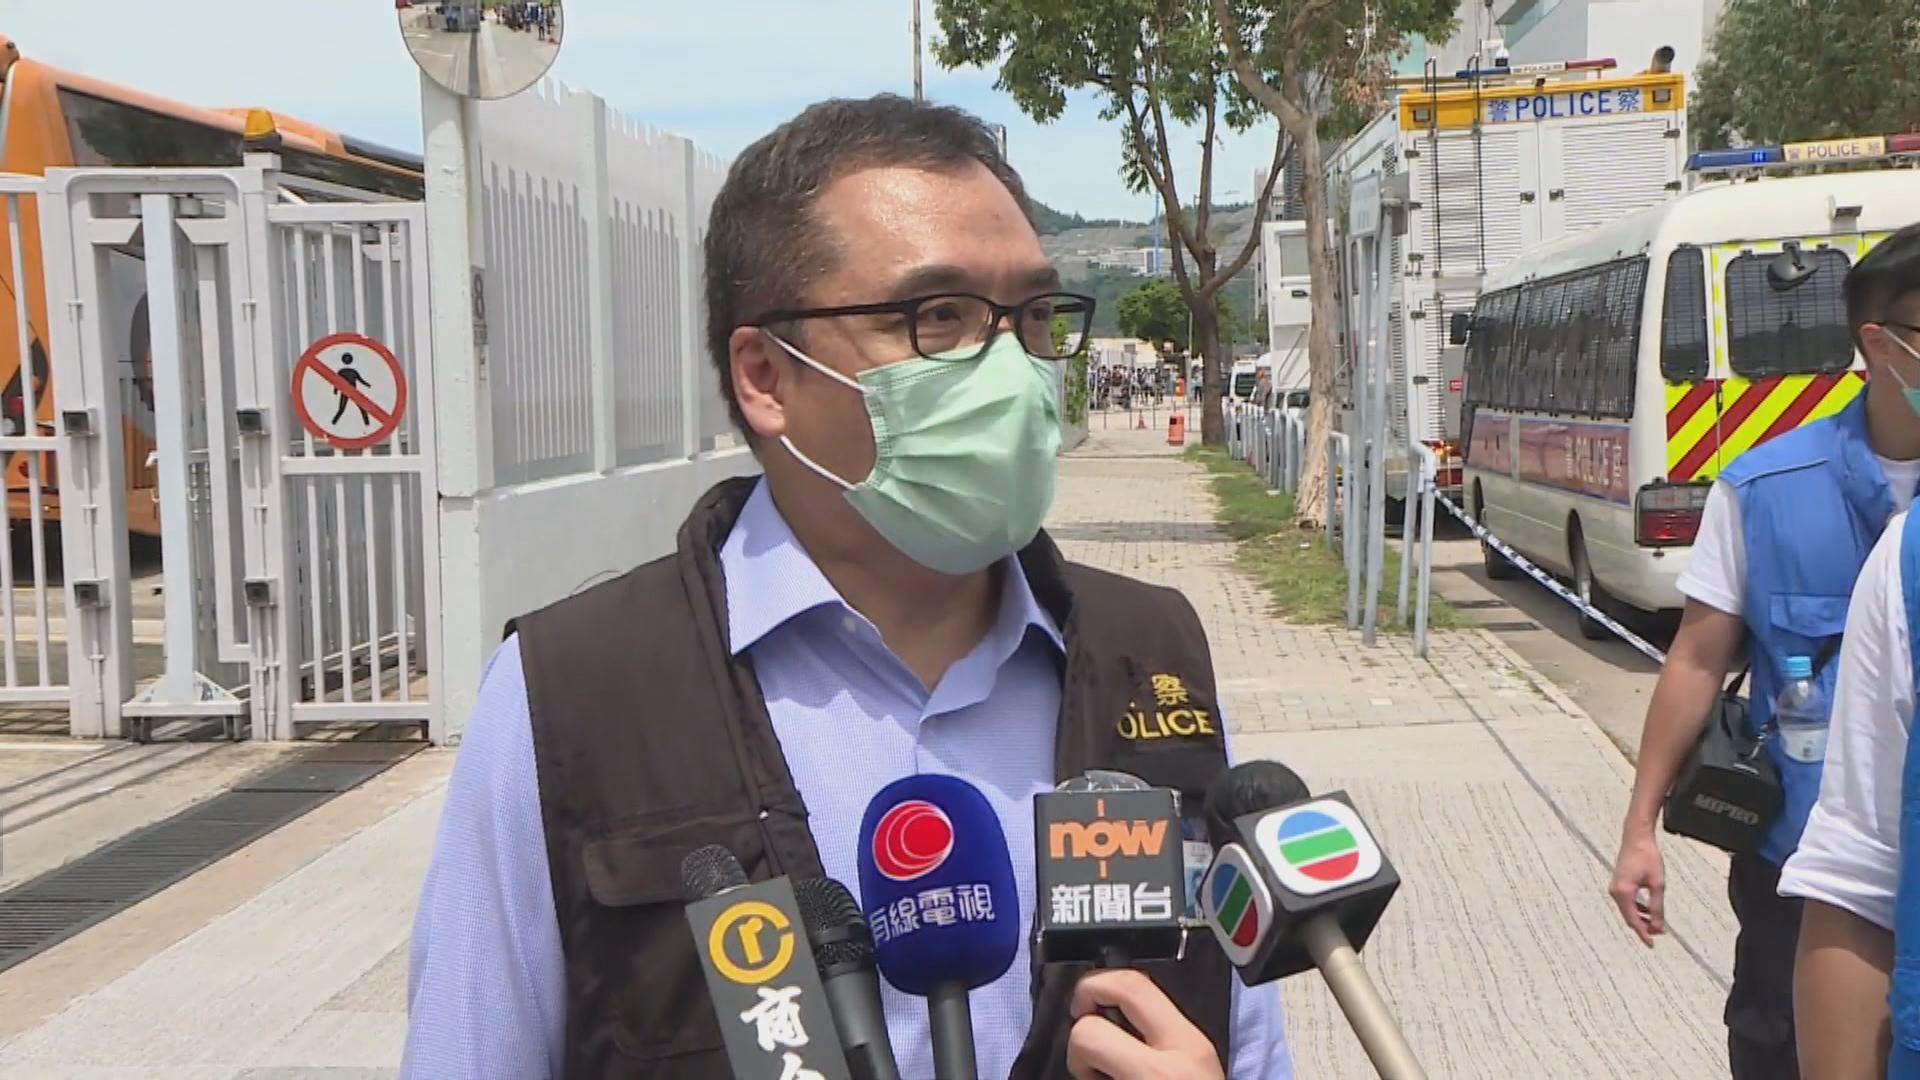 李桂華指根據法庭手令搜查 避搜新聞材料